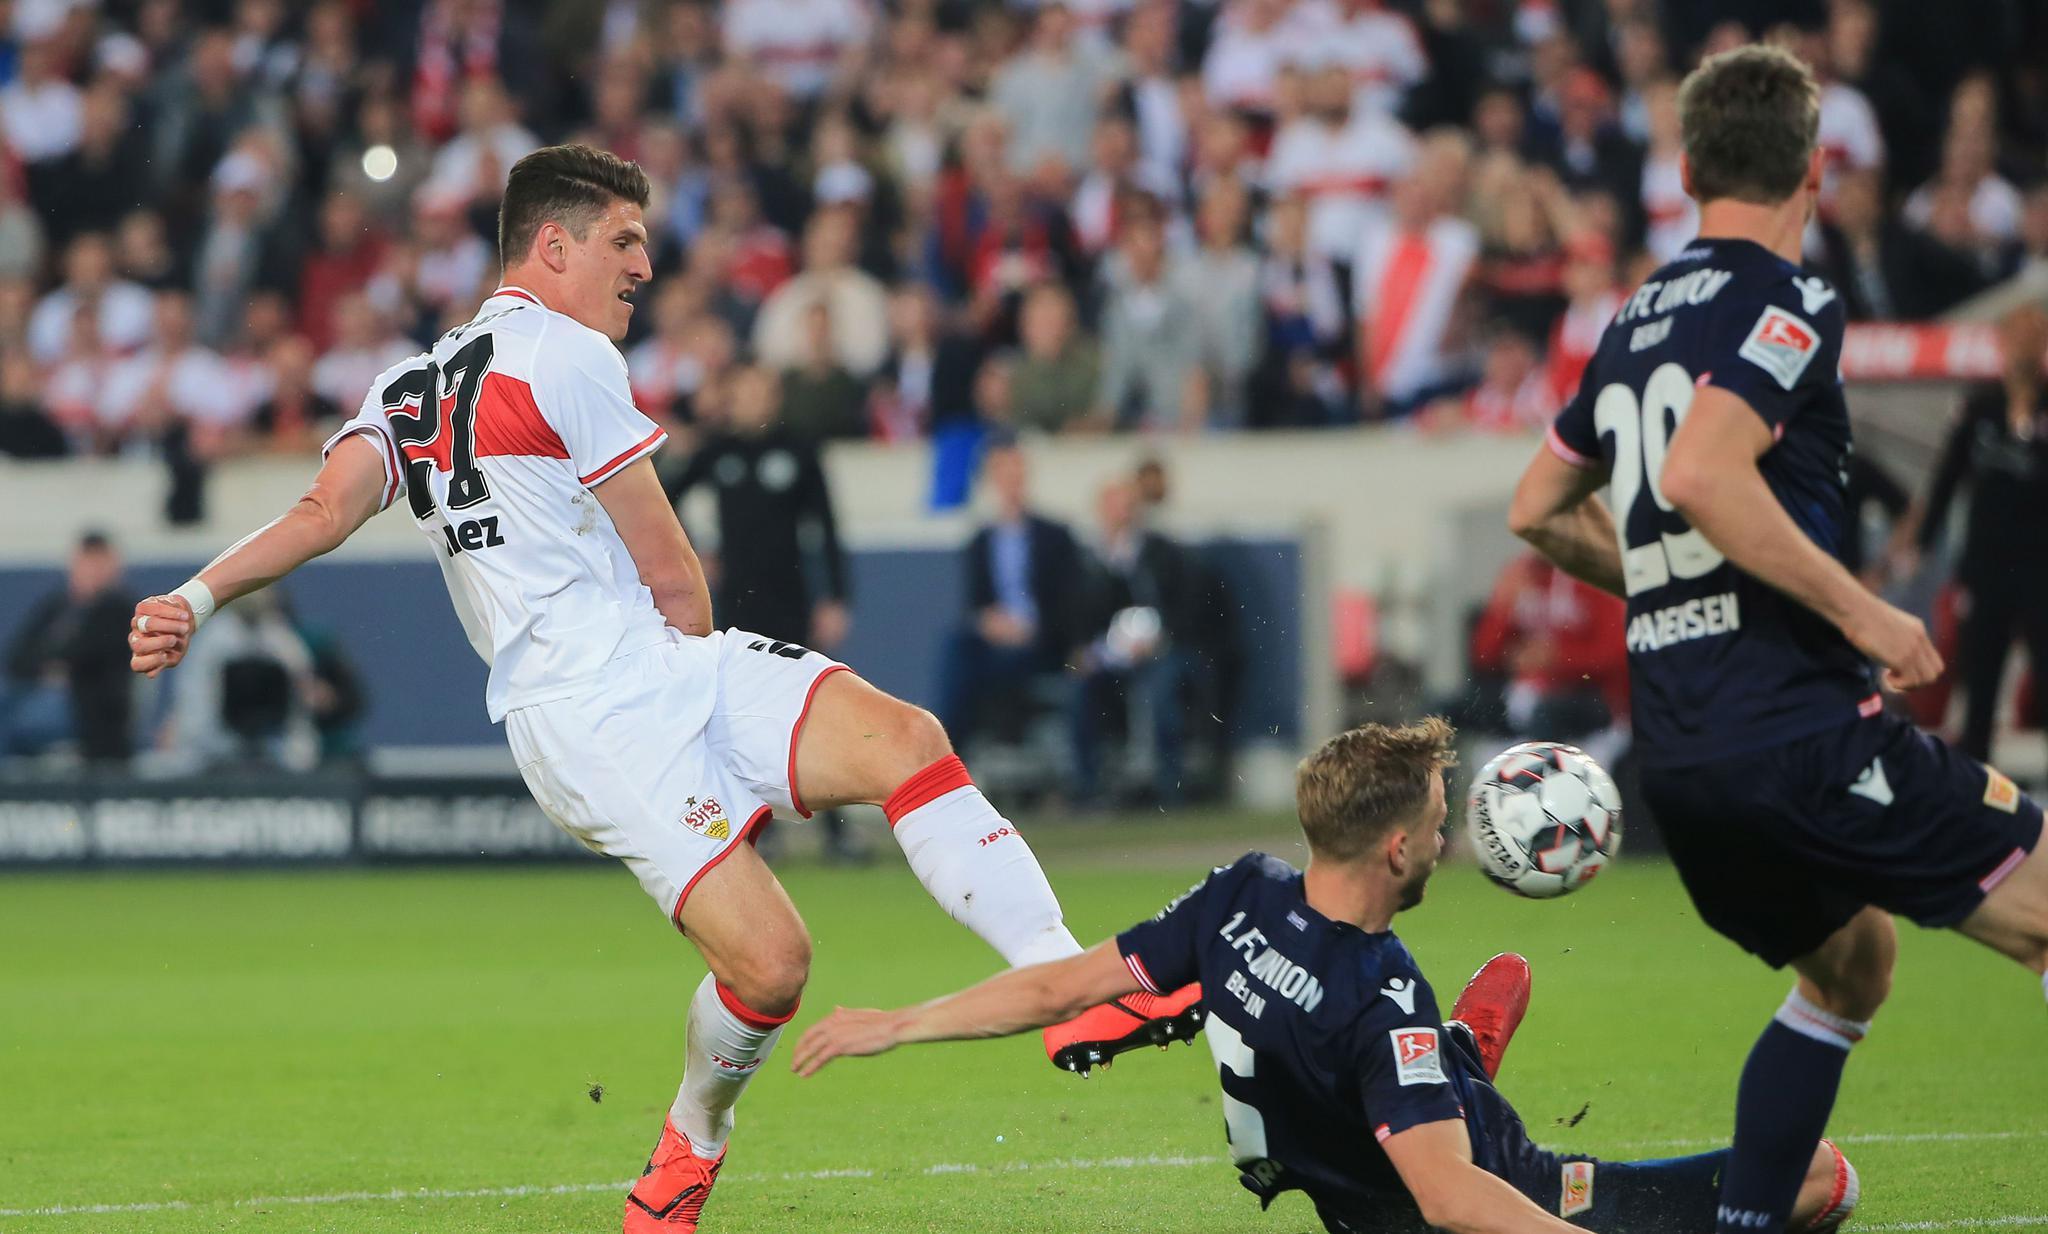 周五晚场足球比赛预测分析柏林联合近七六大多特蒙德防线疲软